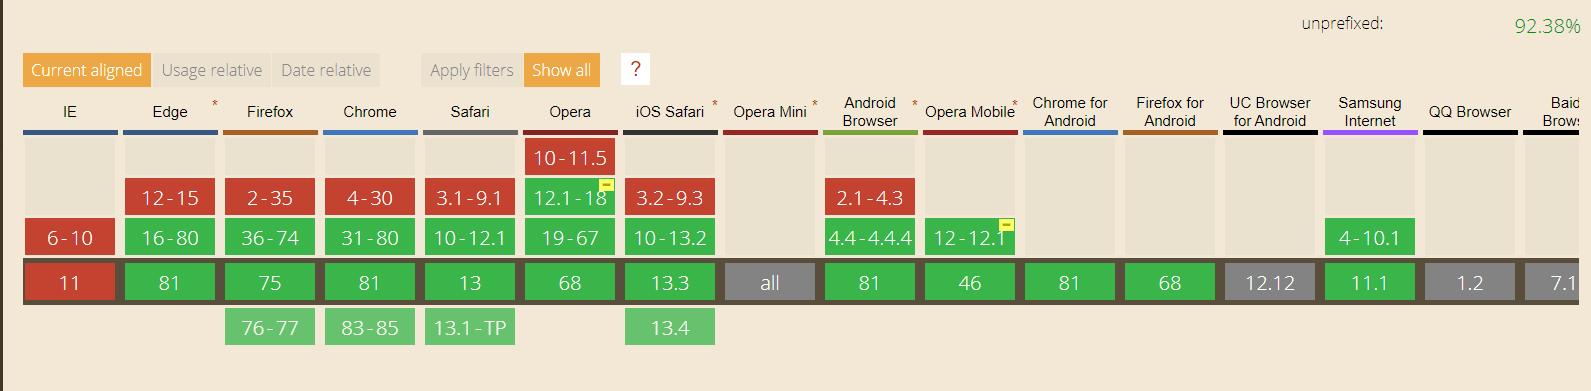 operamini-browser-stats